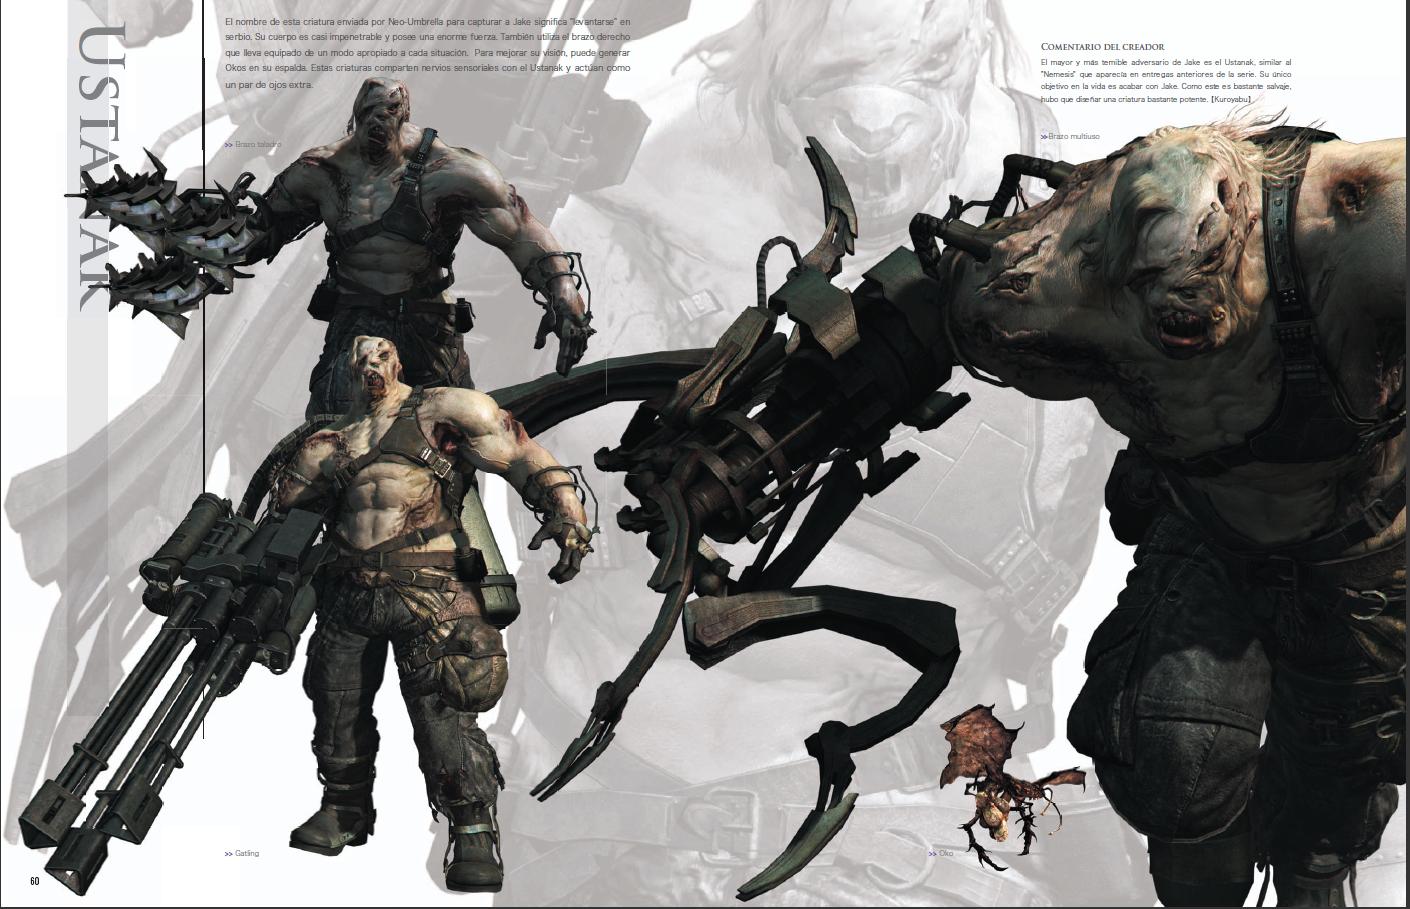 Libro De Arte De Resident Evil 6 Tiempocio Blog De Video